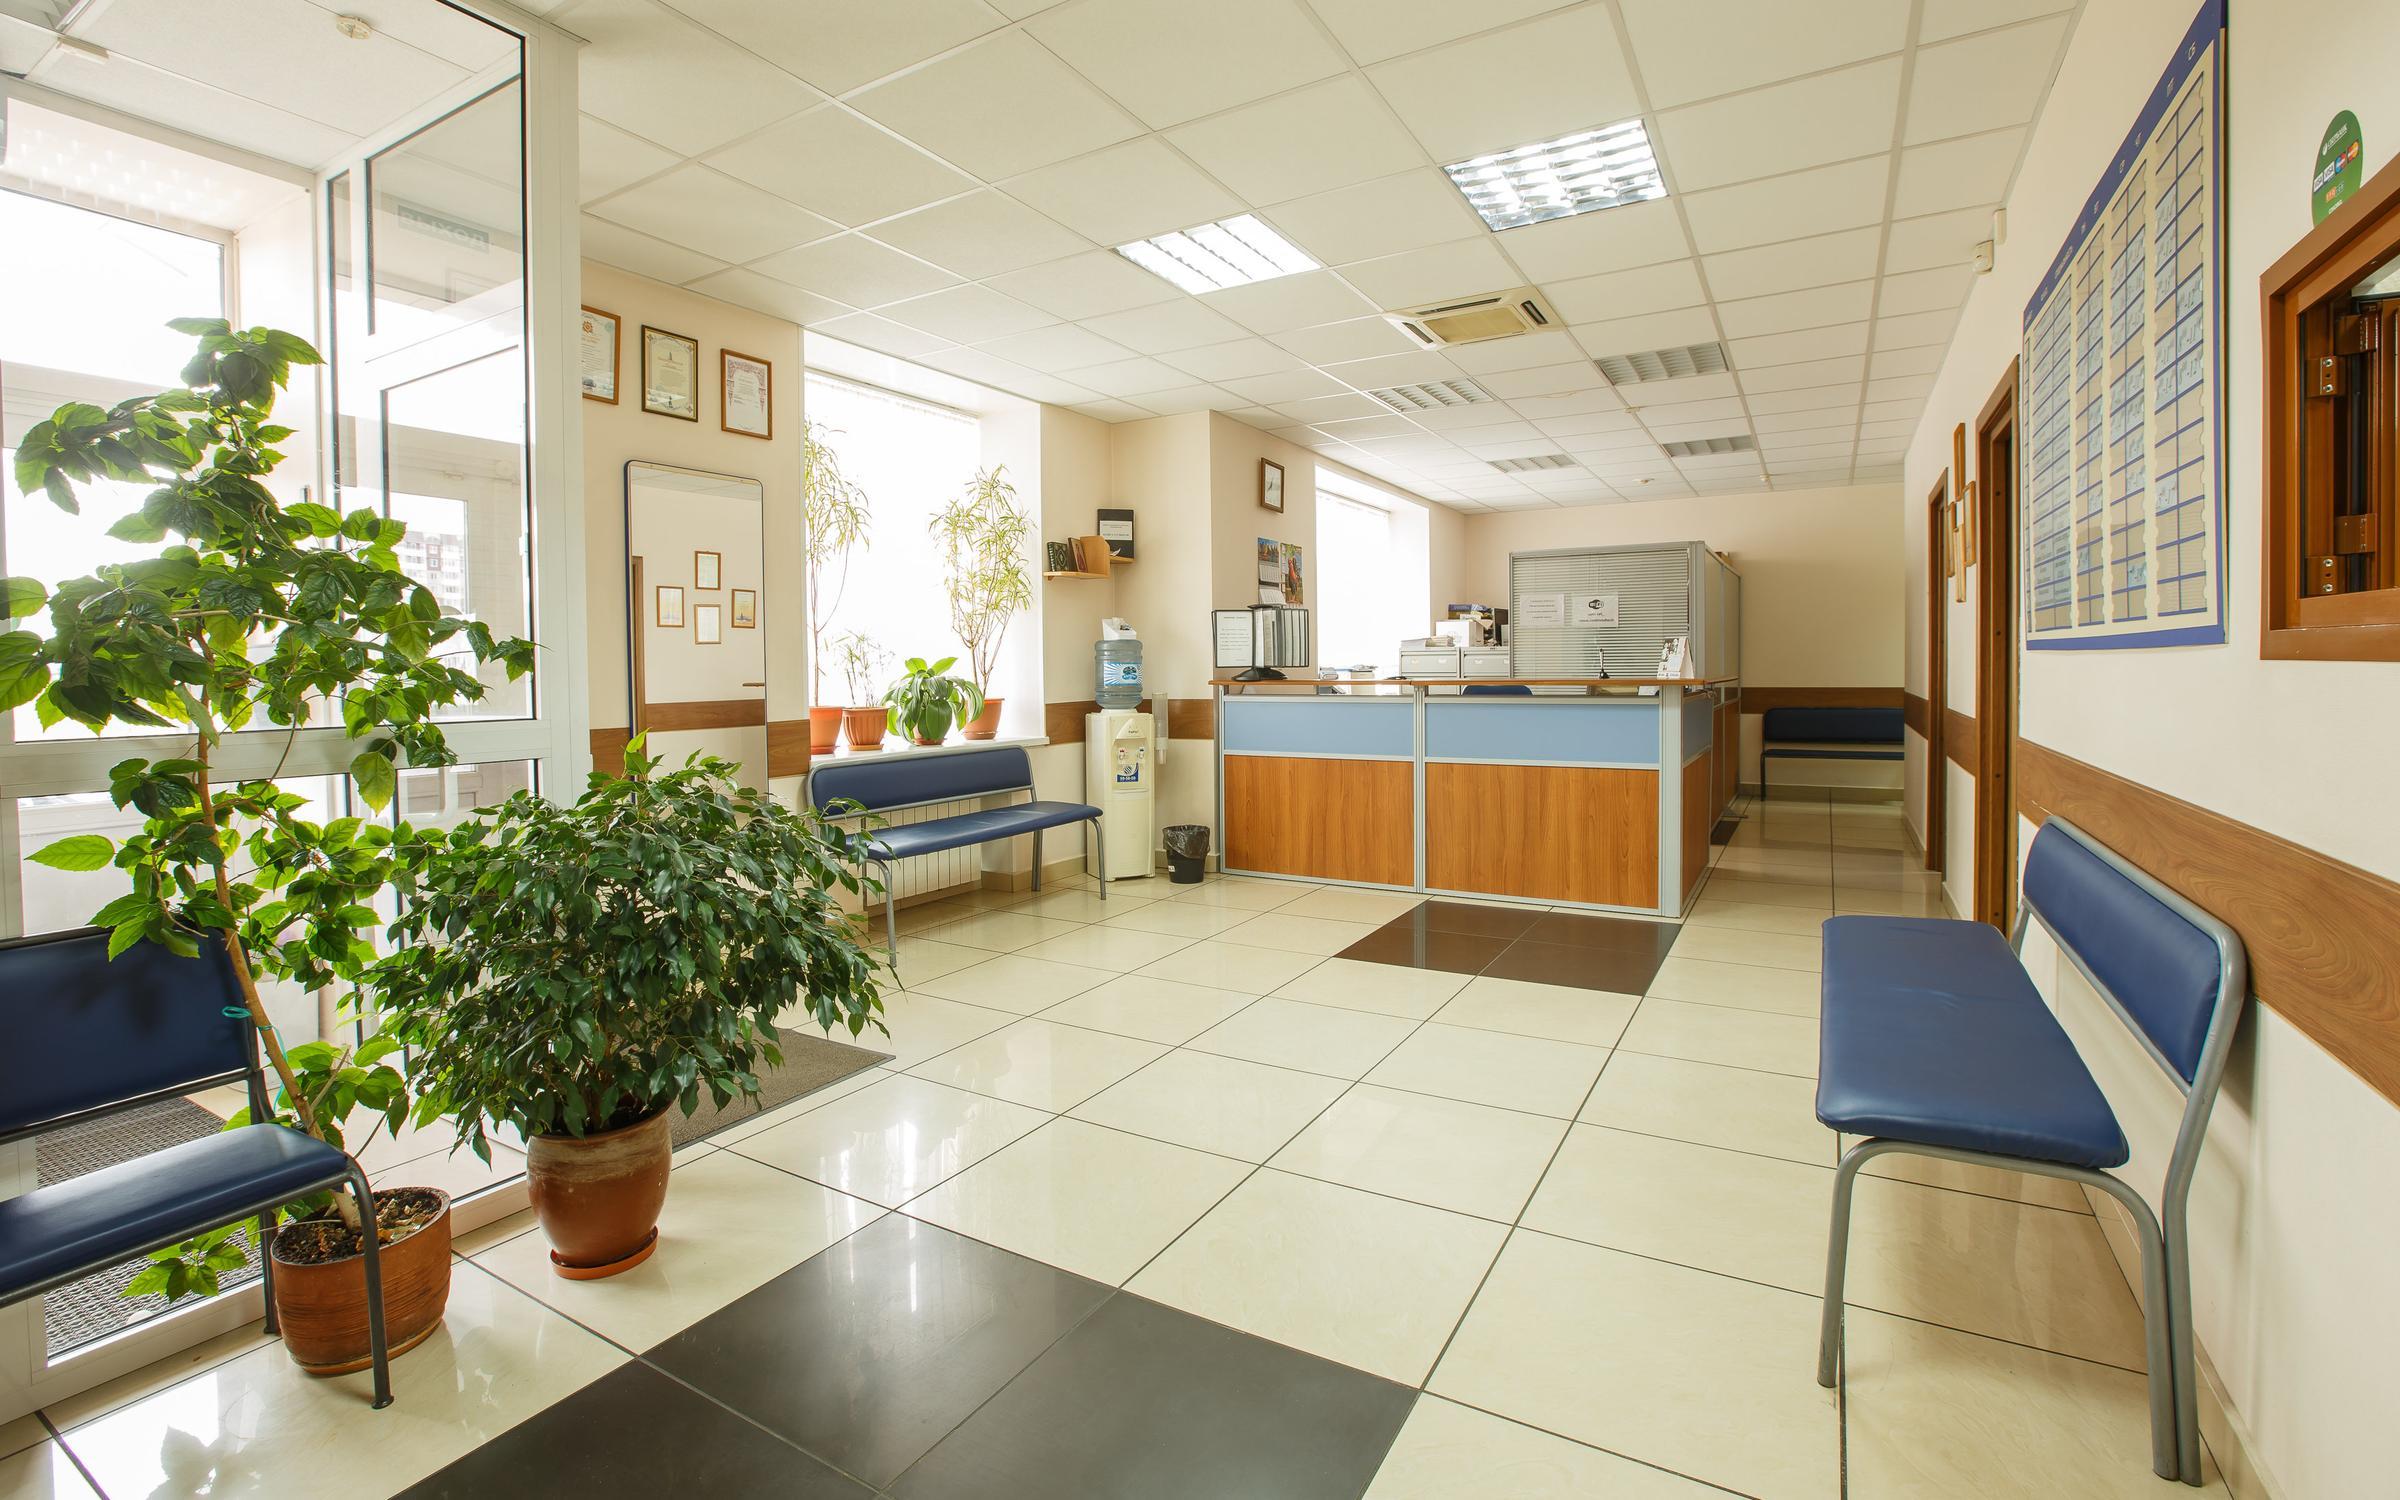 фотография Центр эндохирургических технологий на улице Авиаторов